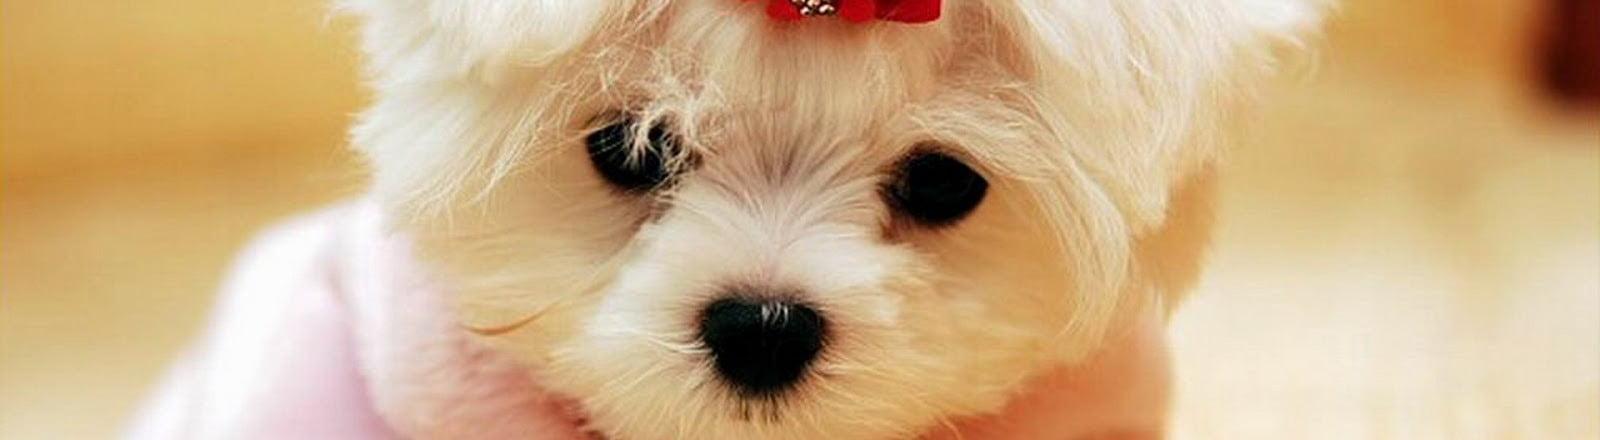 peluquería canina clinica veterinaria alcazaba